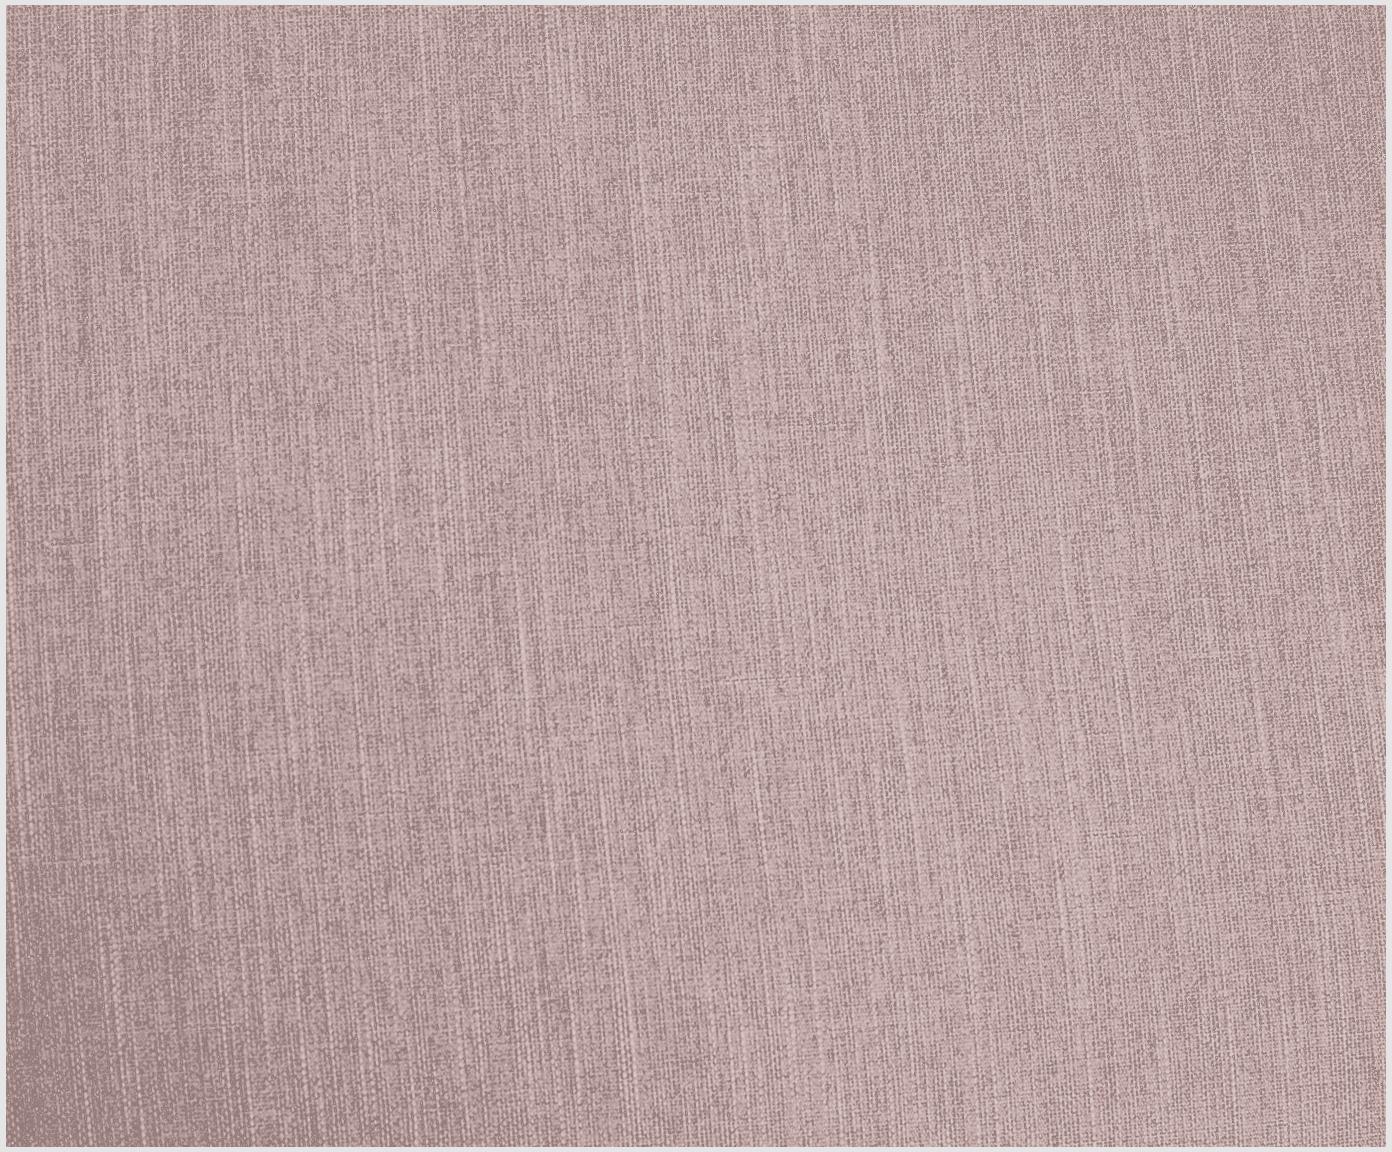 Divano angolare 4 posti in tessuto rosa Melva, Rivestimento: poliestere 35.000 cicli d, Struttura: legno di pino massiccio, , Piedini: legno di pino, Tessuto rosa, Larg. 319 x Prof. 144 cm